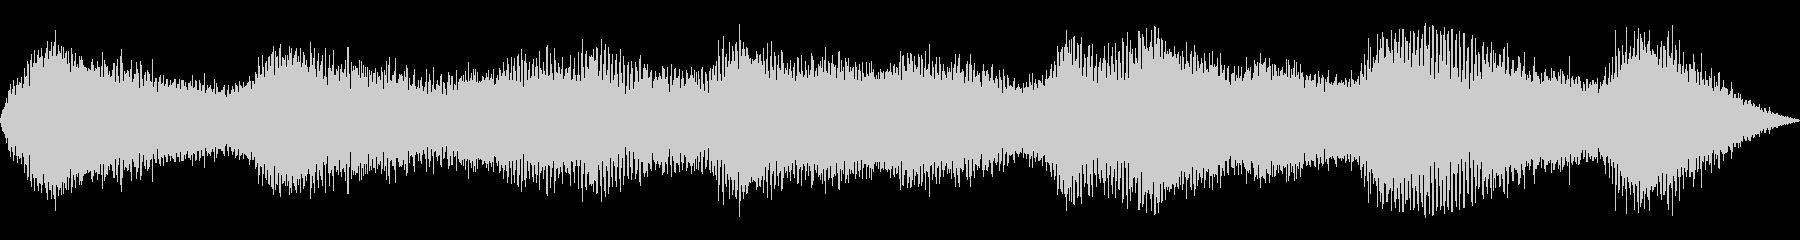 ヒグラシ(セミの鳴き声) の未再生の波形